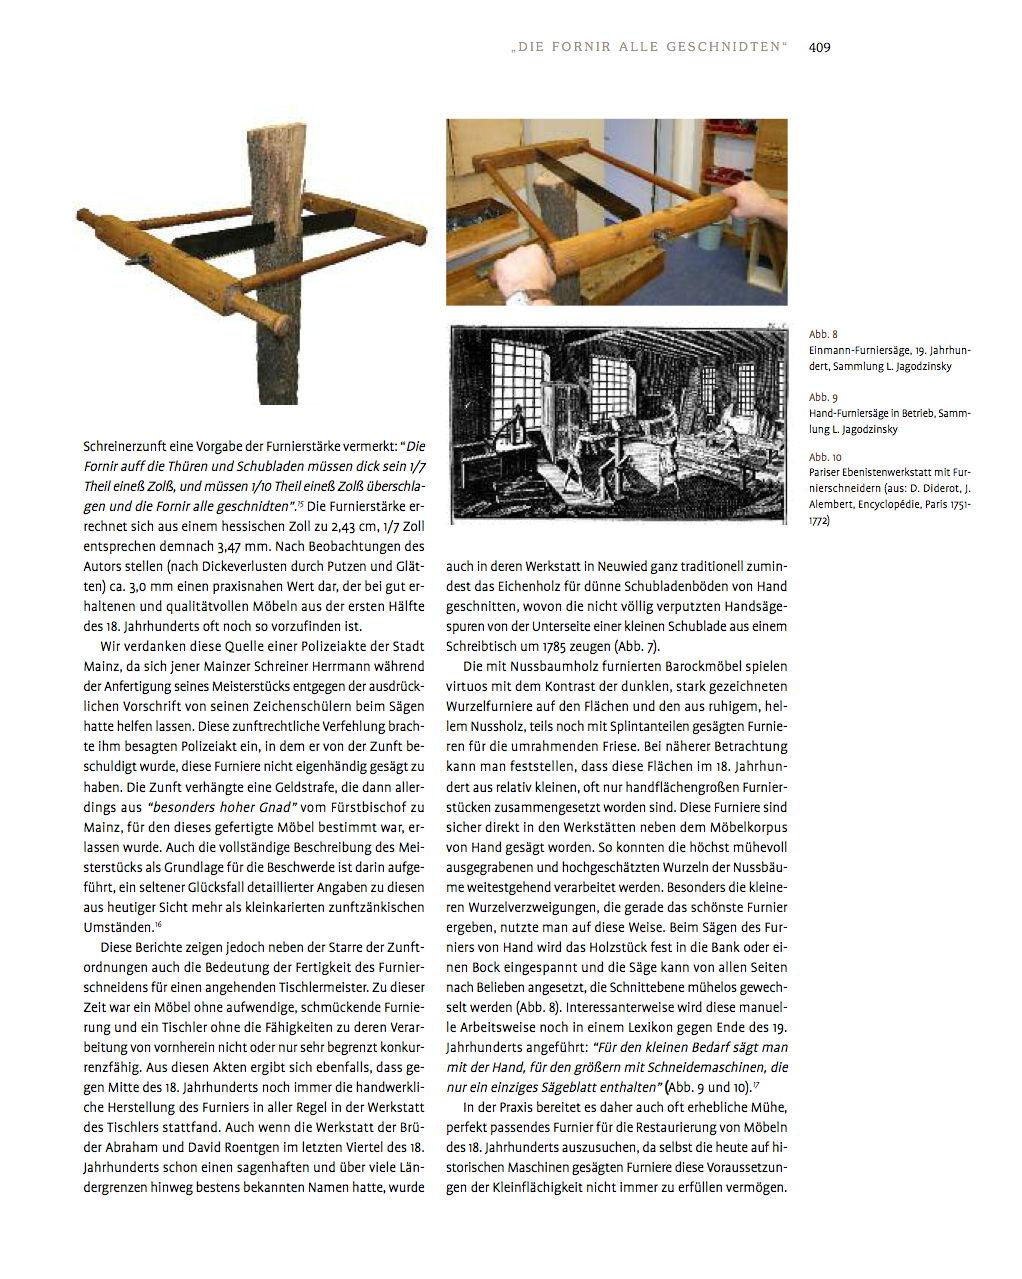 Galerie - Bild 5